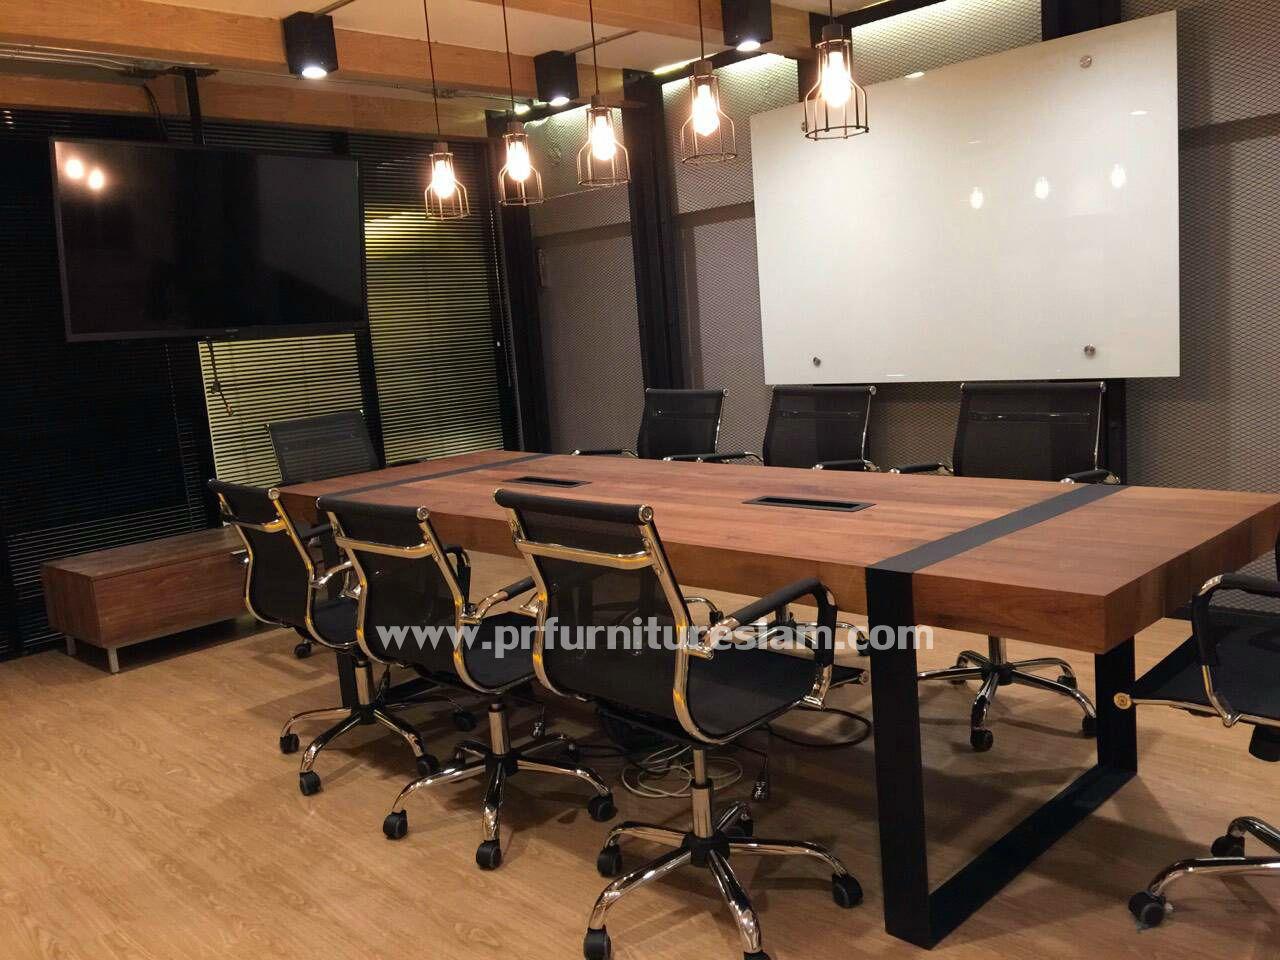 Escritorios industriales buscar con google oficina - Escritorios de oficina ...